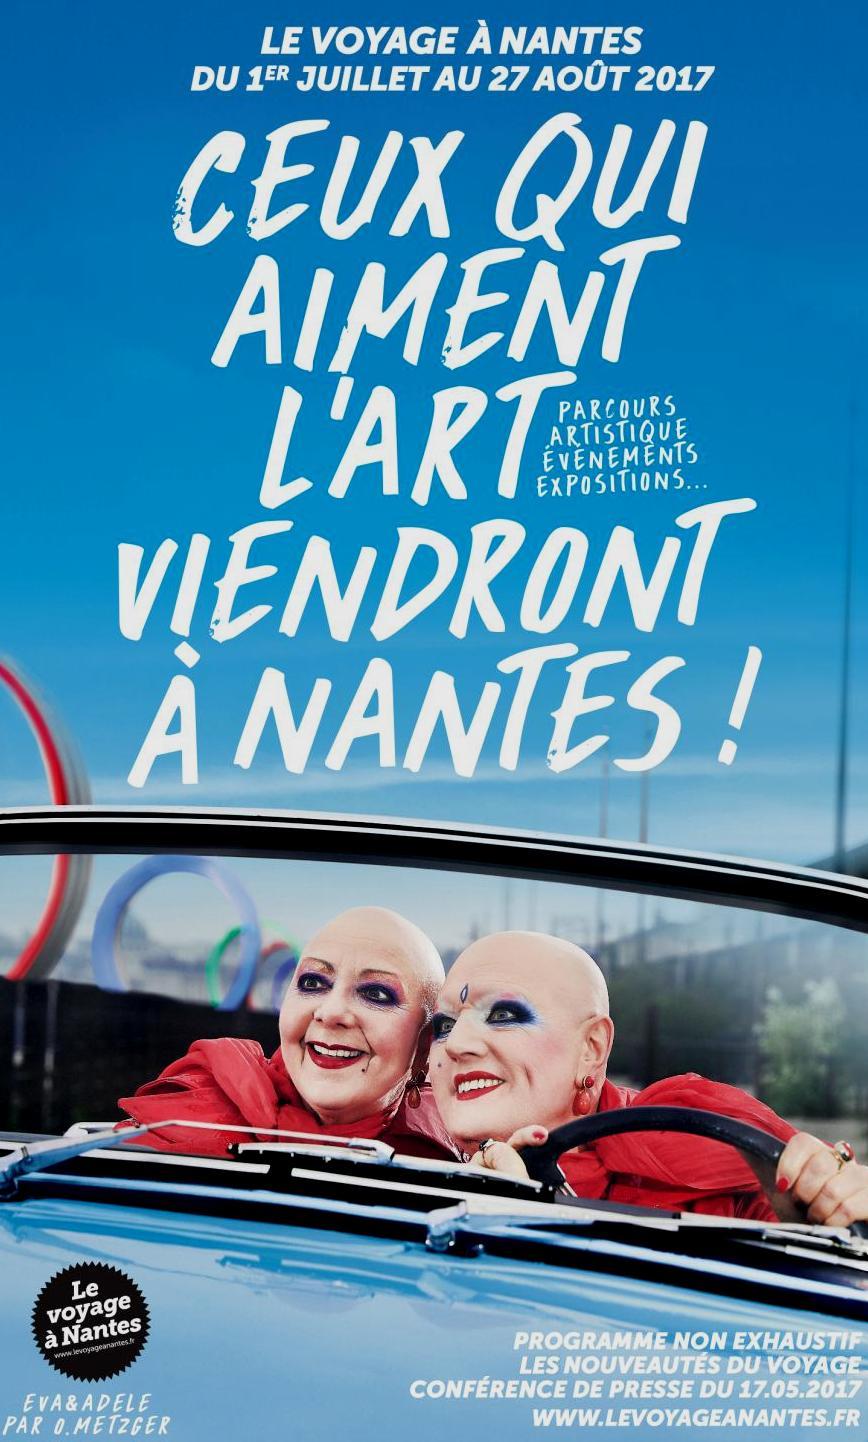 Eté 2017 : découvrez la nouvelle édition du Voyage à Nantes